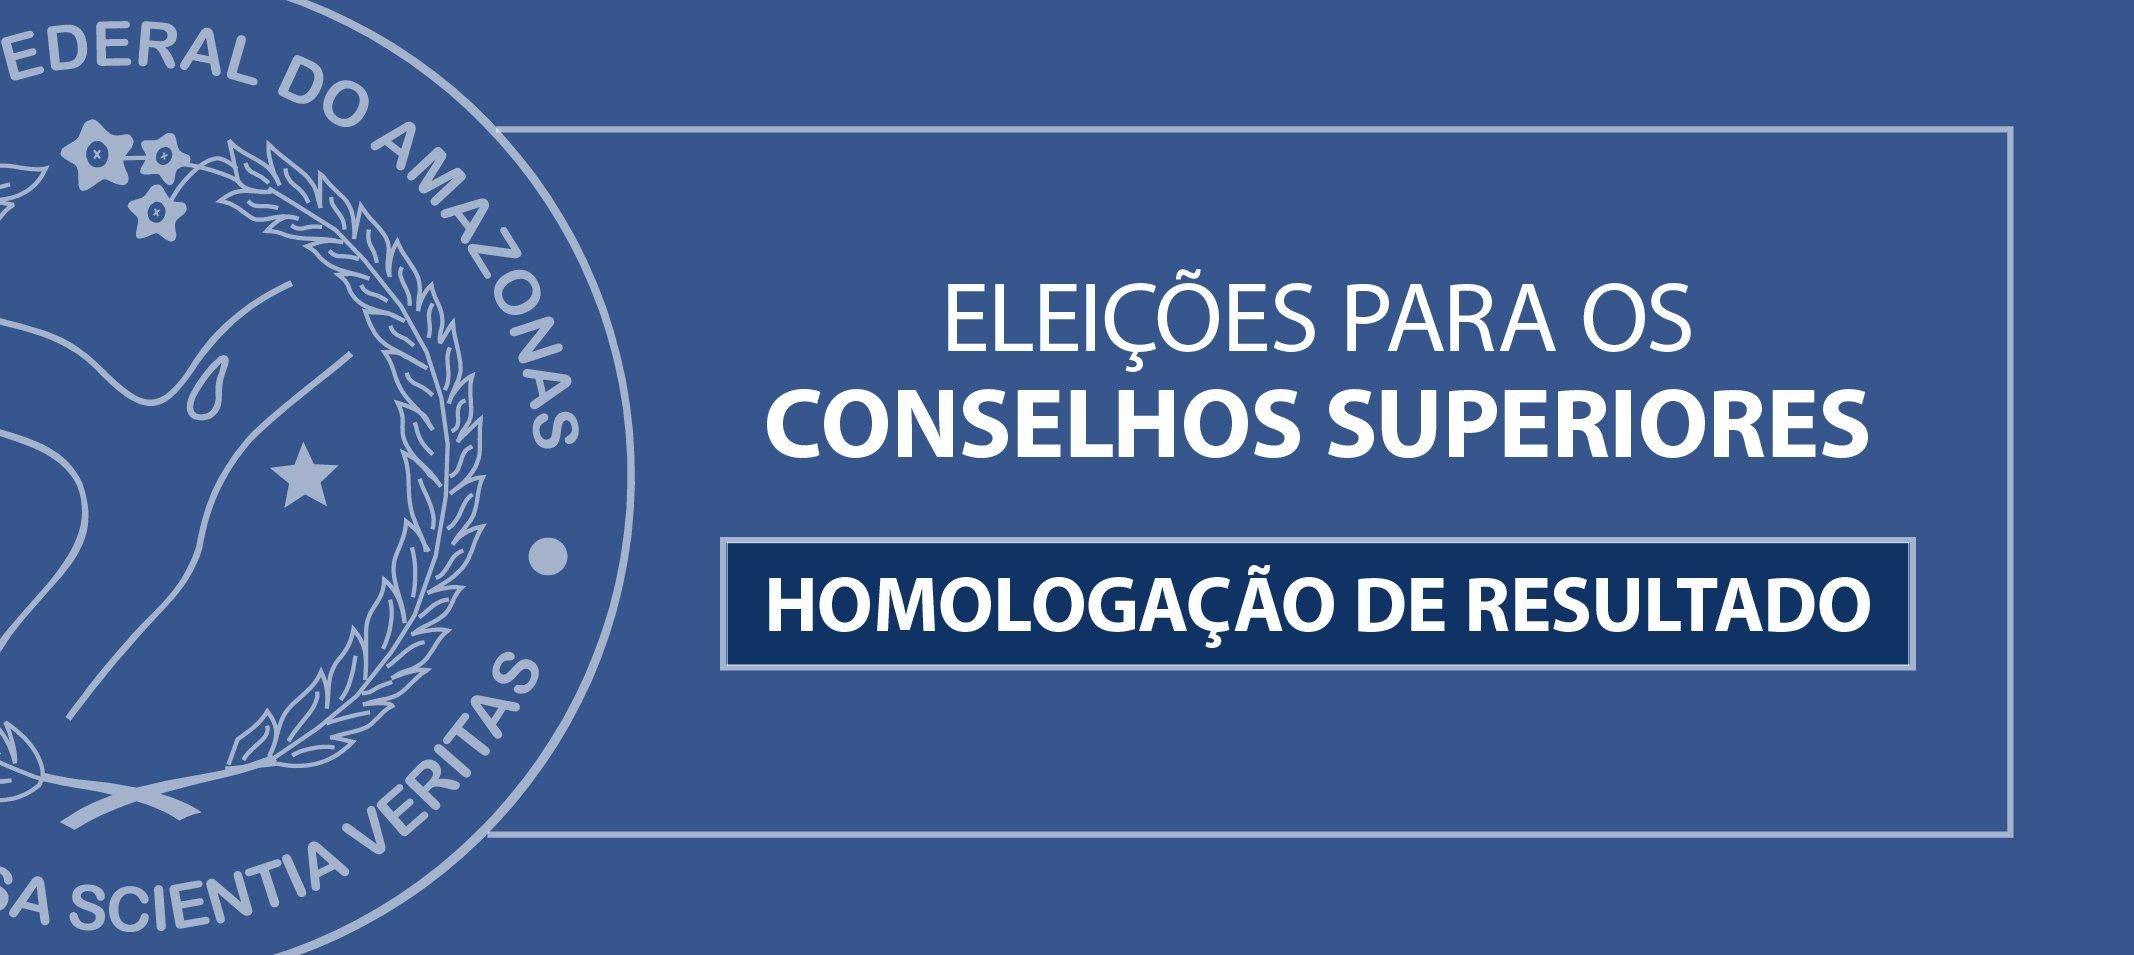 CONSUNI homologa resultado final das eleições para recomposição dos Conselhos Superiores